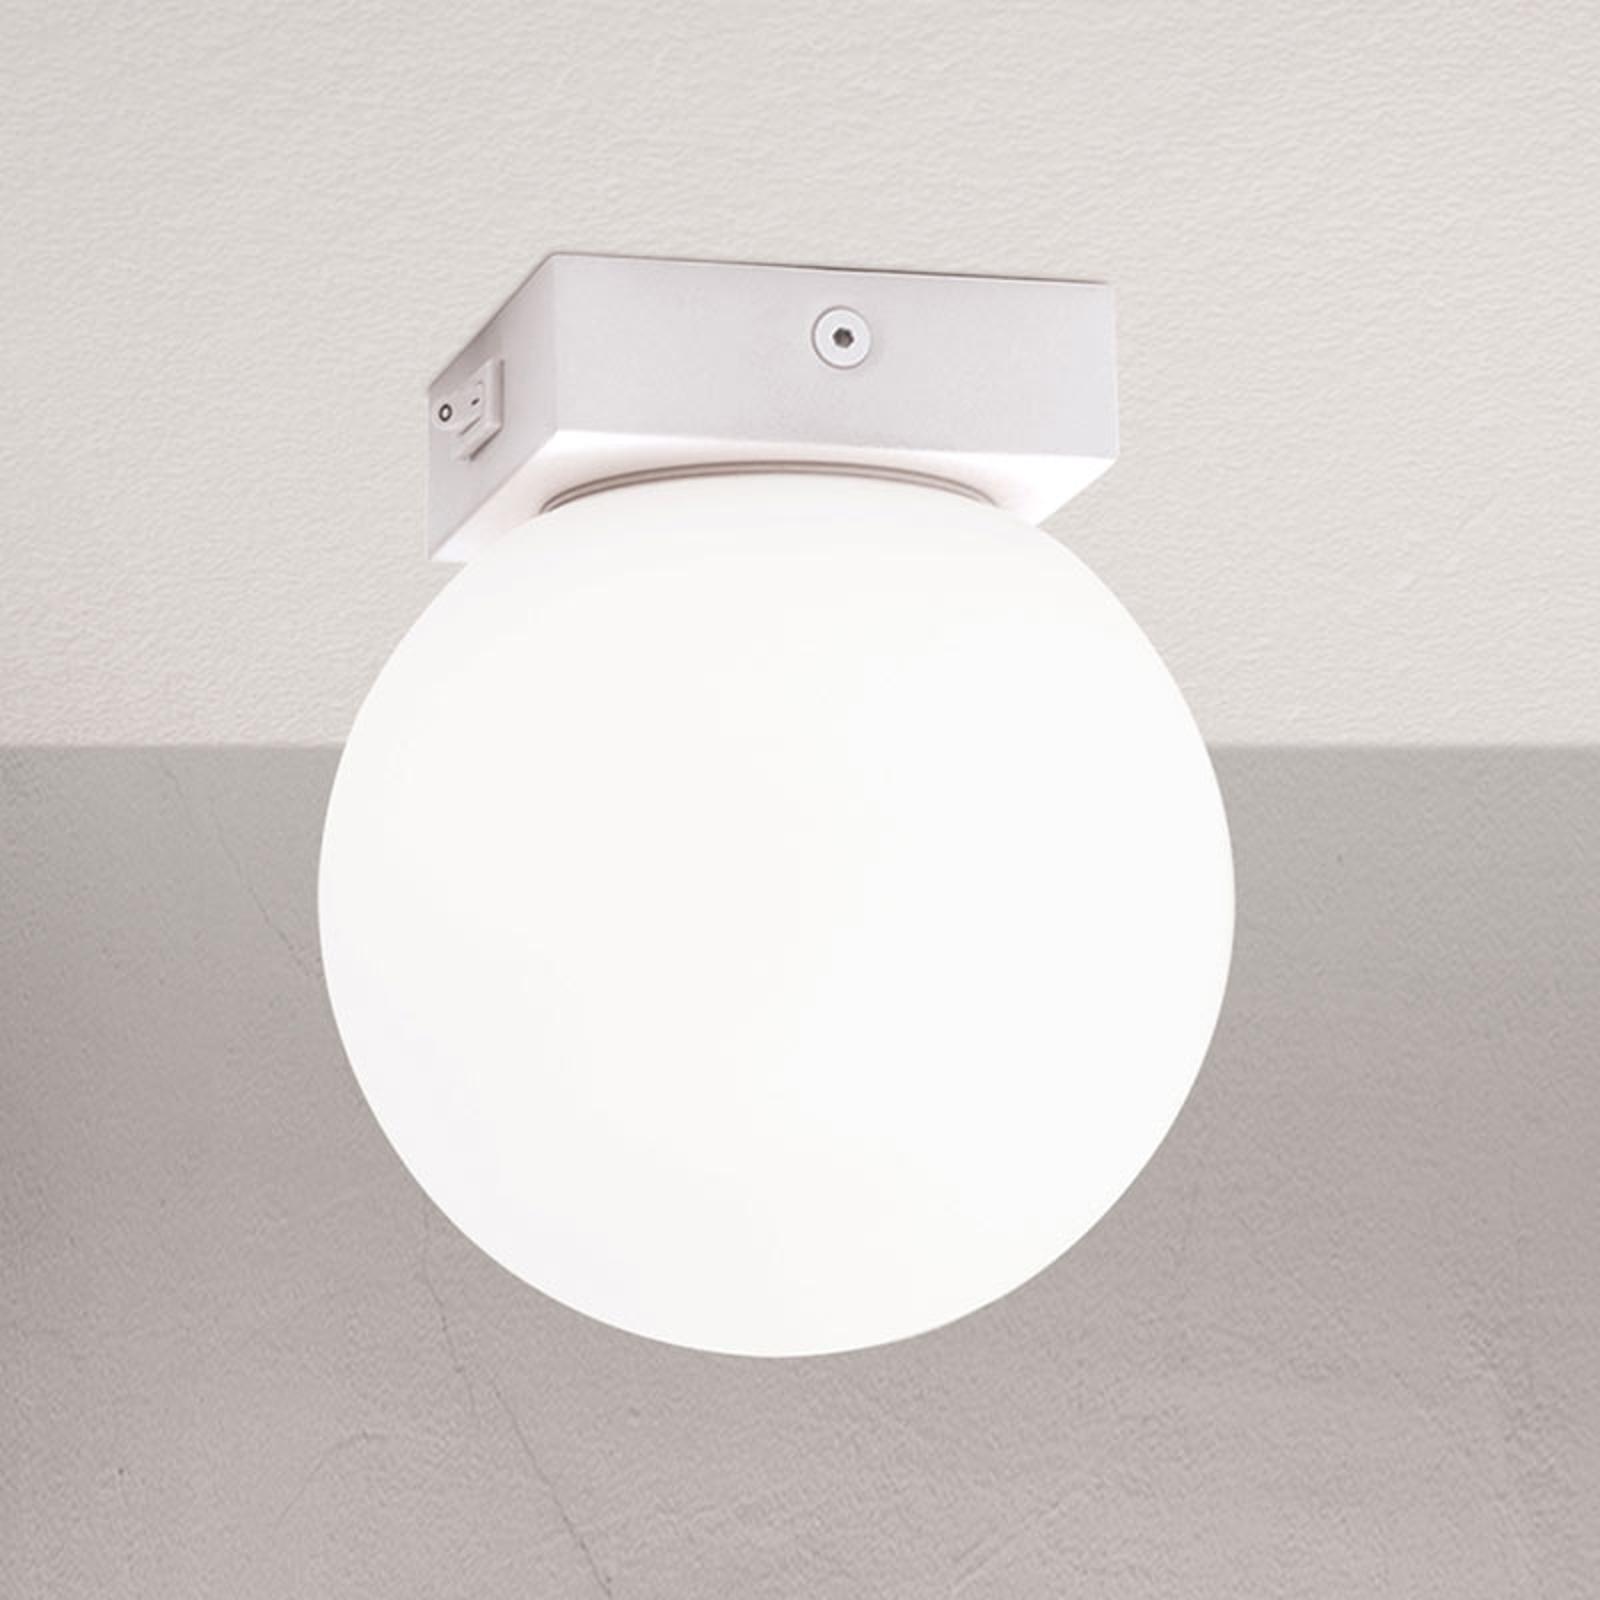 LED-kattovalaisin Snowball katkaisijalla